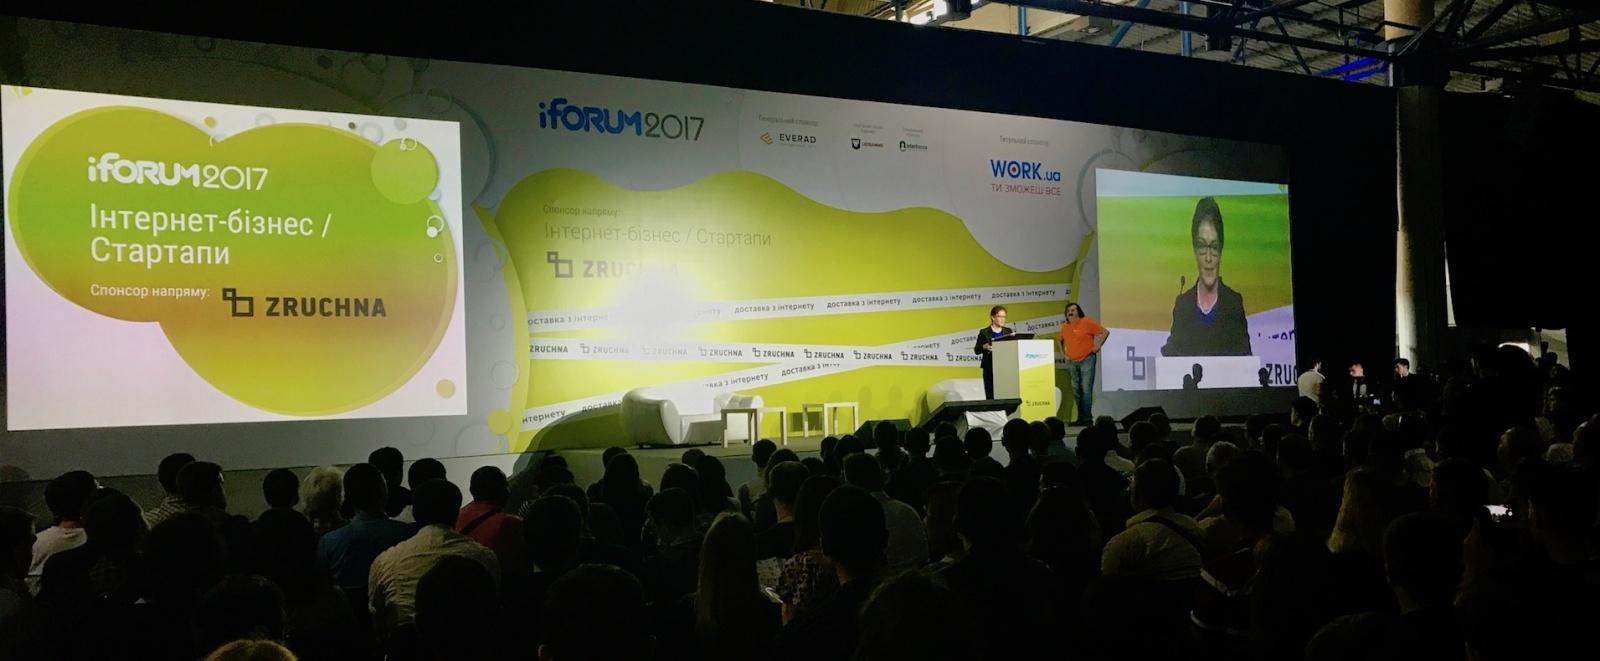 Большое ИТ-коммьюнити на конференции iForum 2017 (Киев) - 6